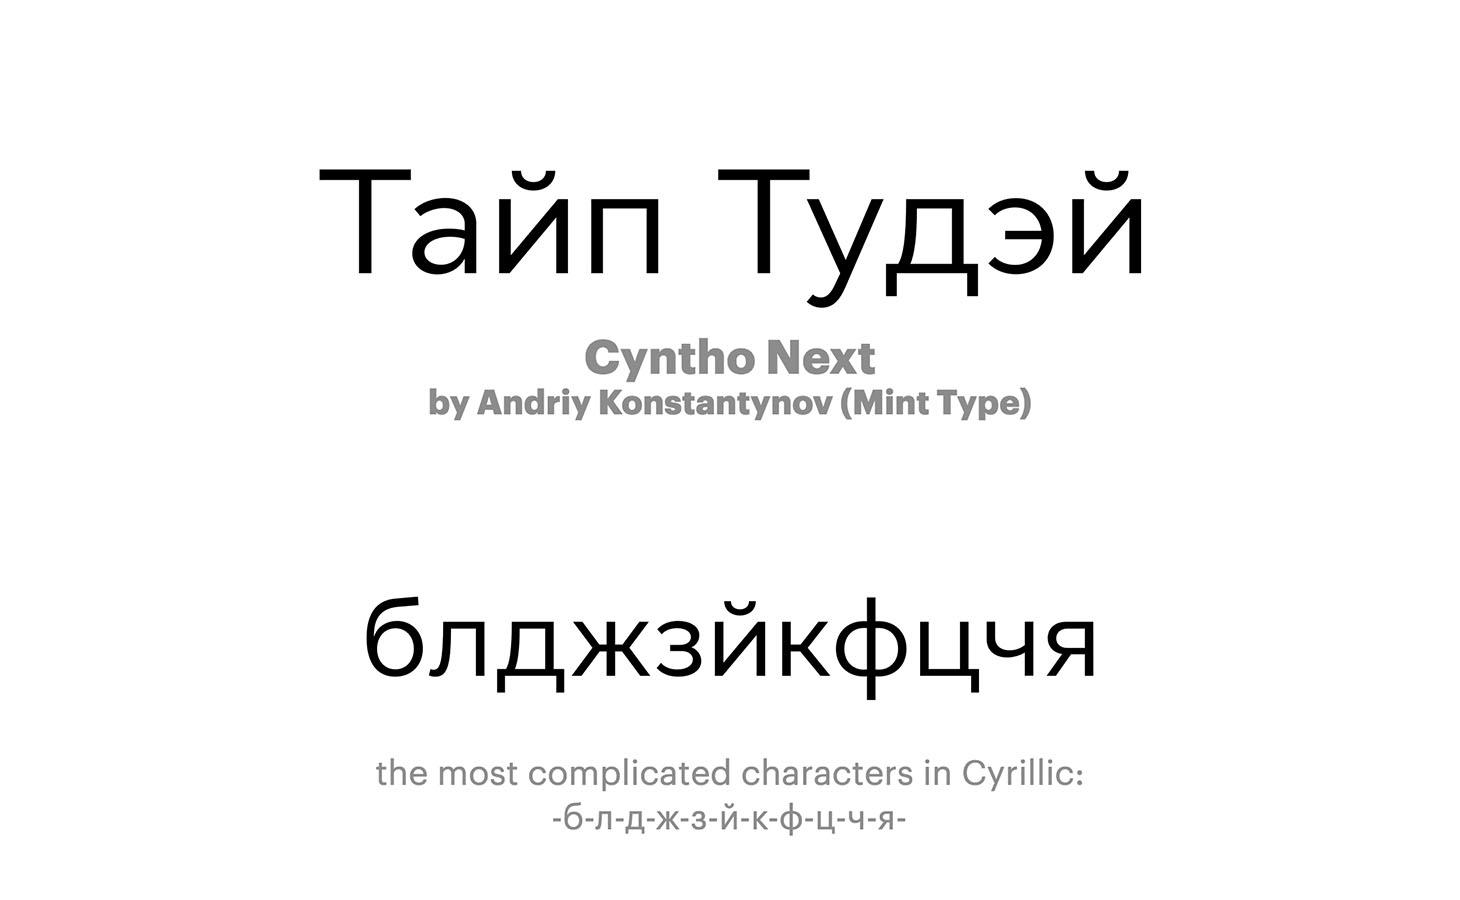 Cyntho-Next